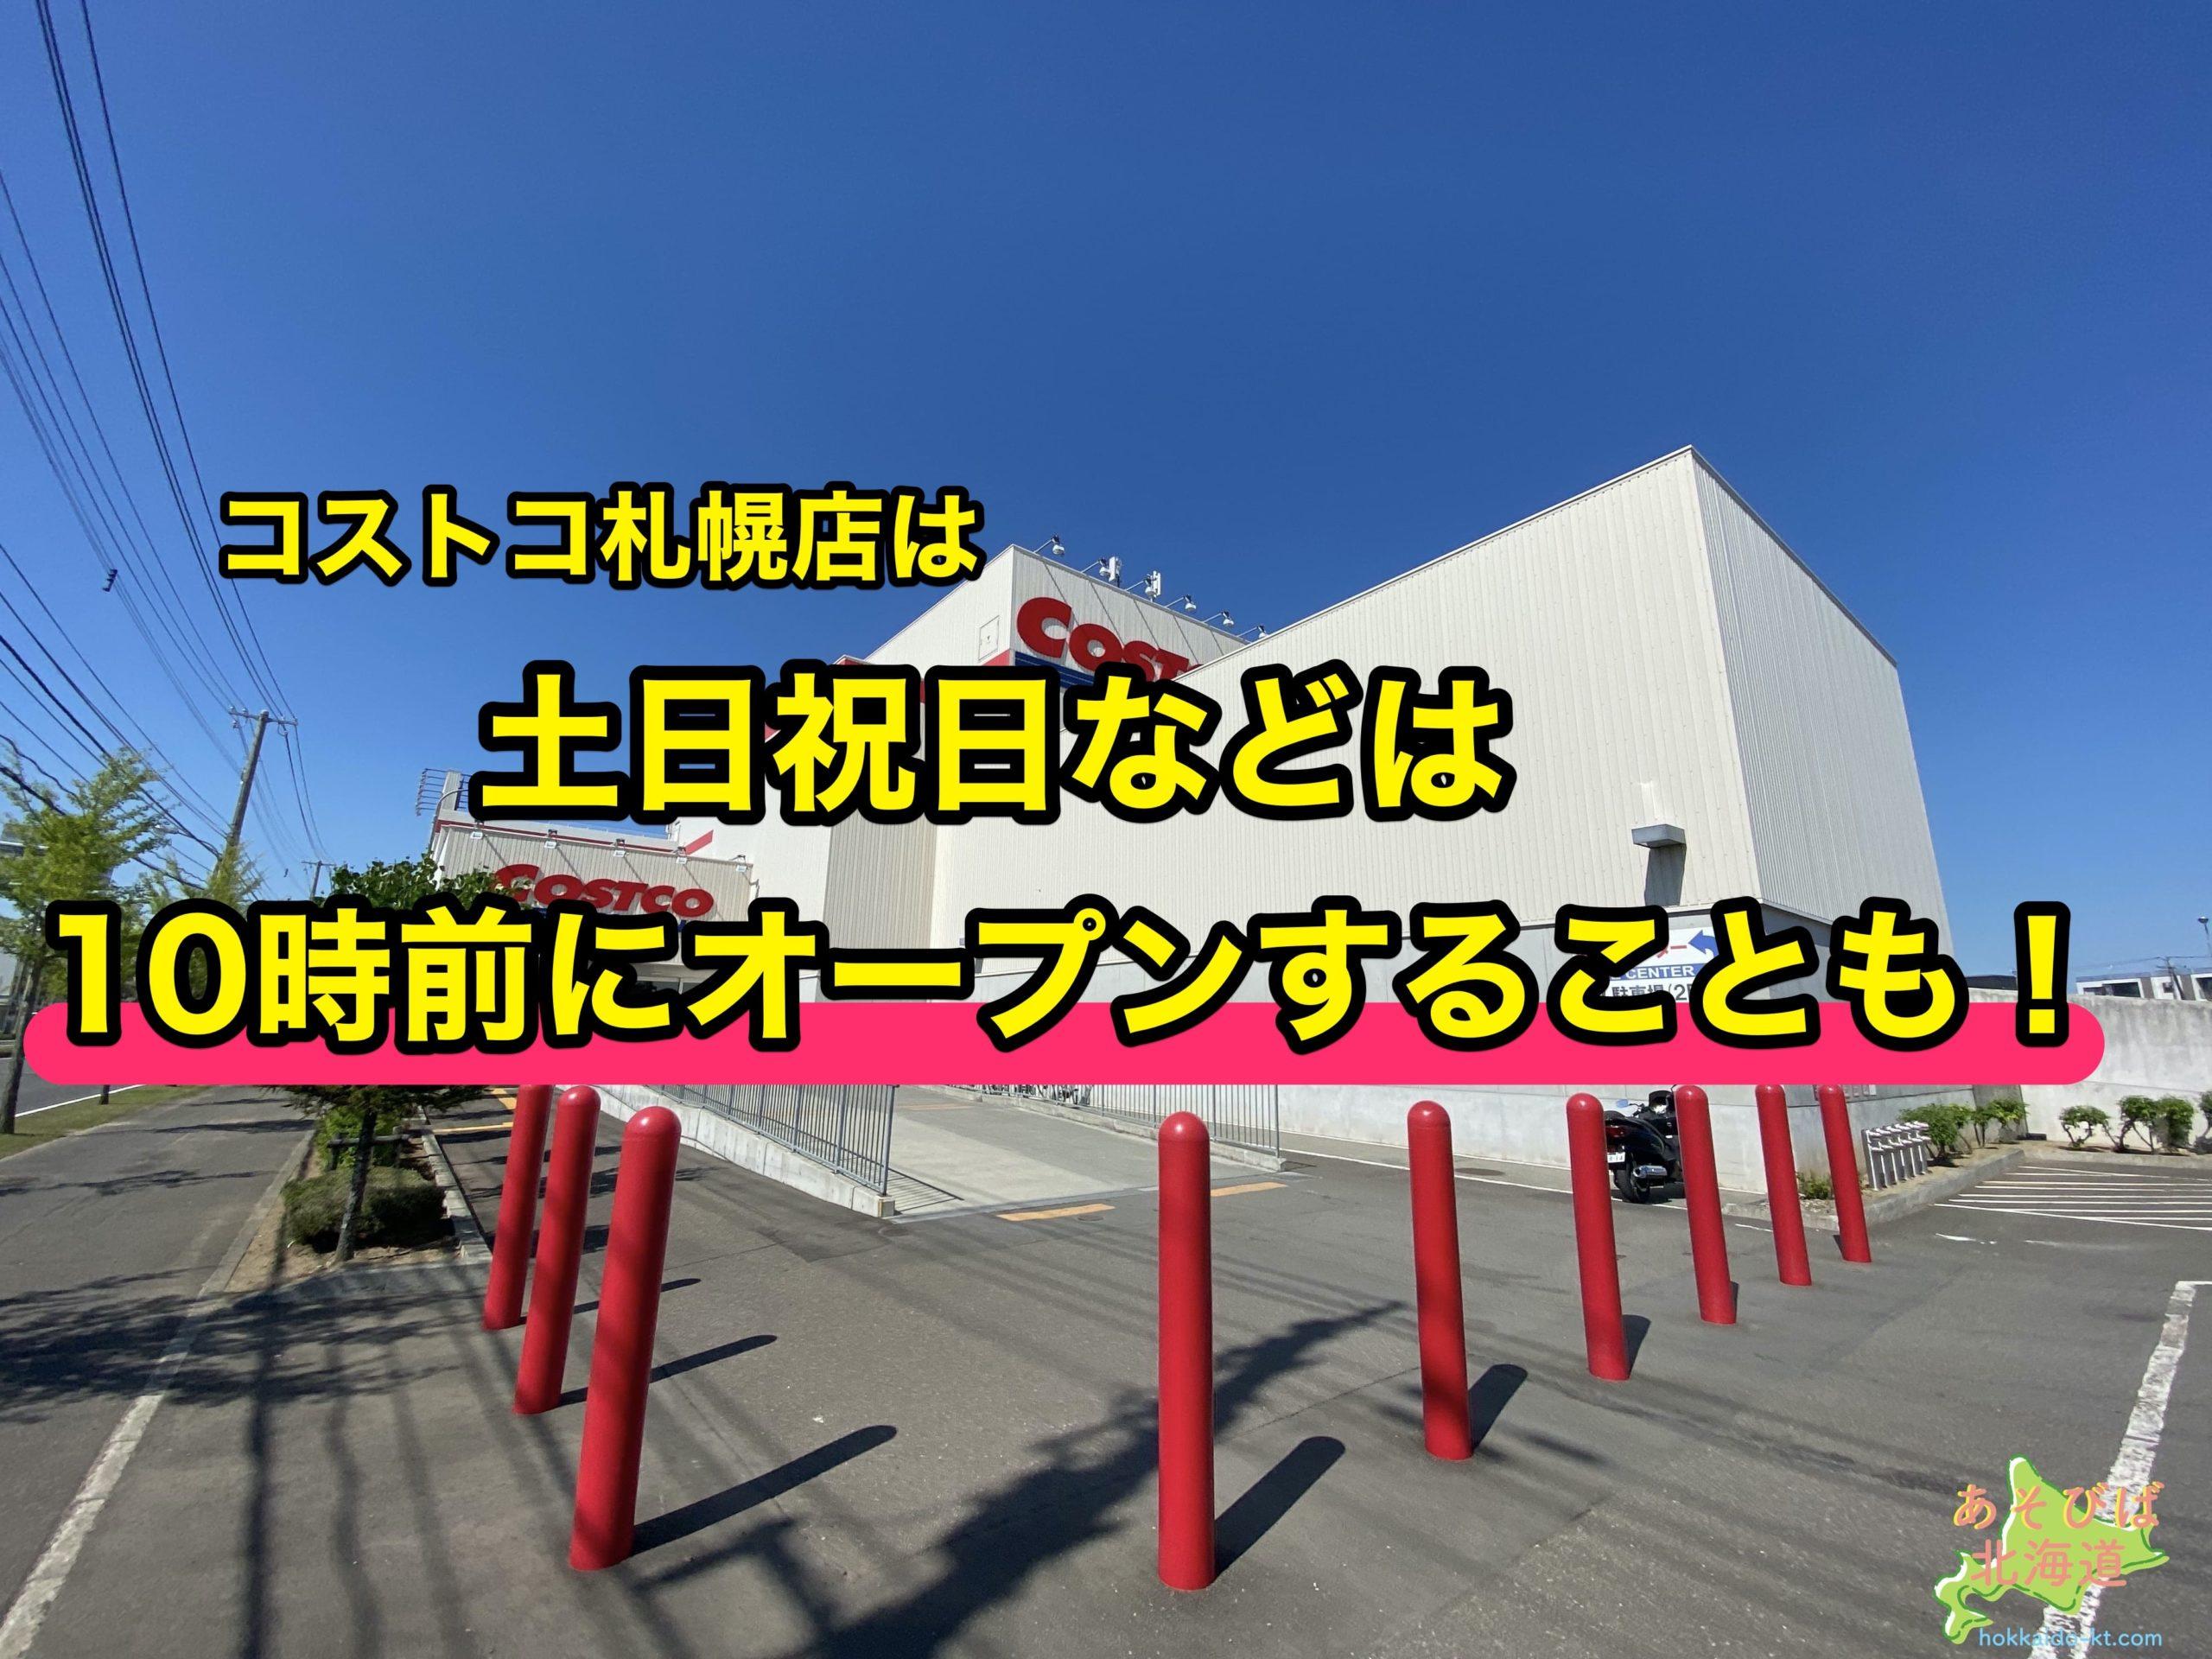 コストコ札幌店は土日祝日は10時前にオープンすることも!